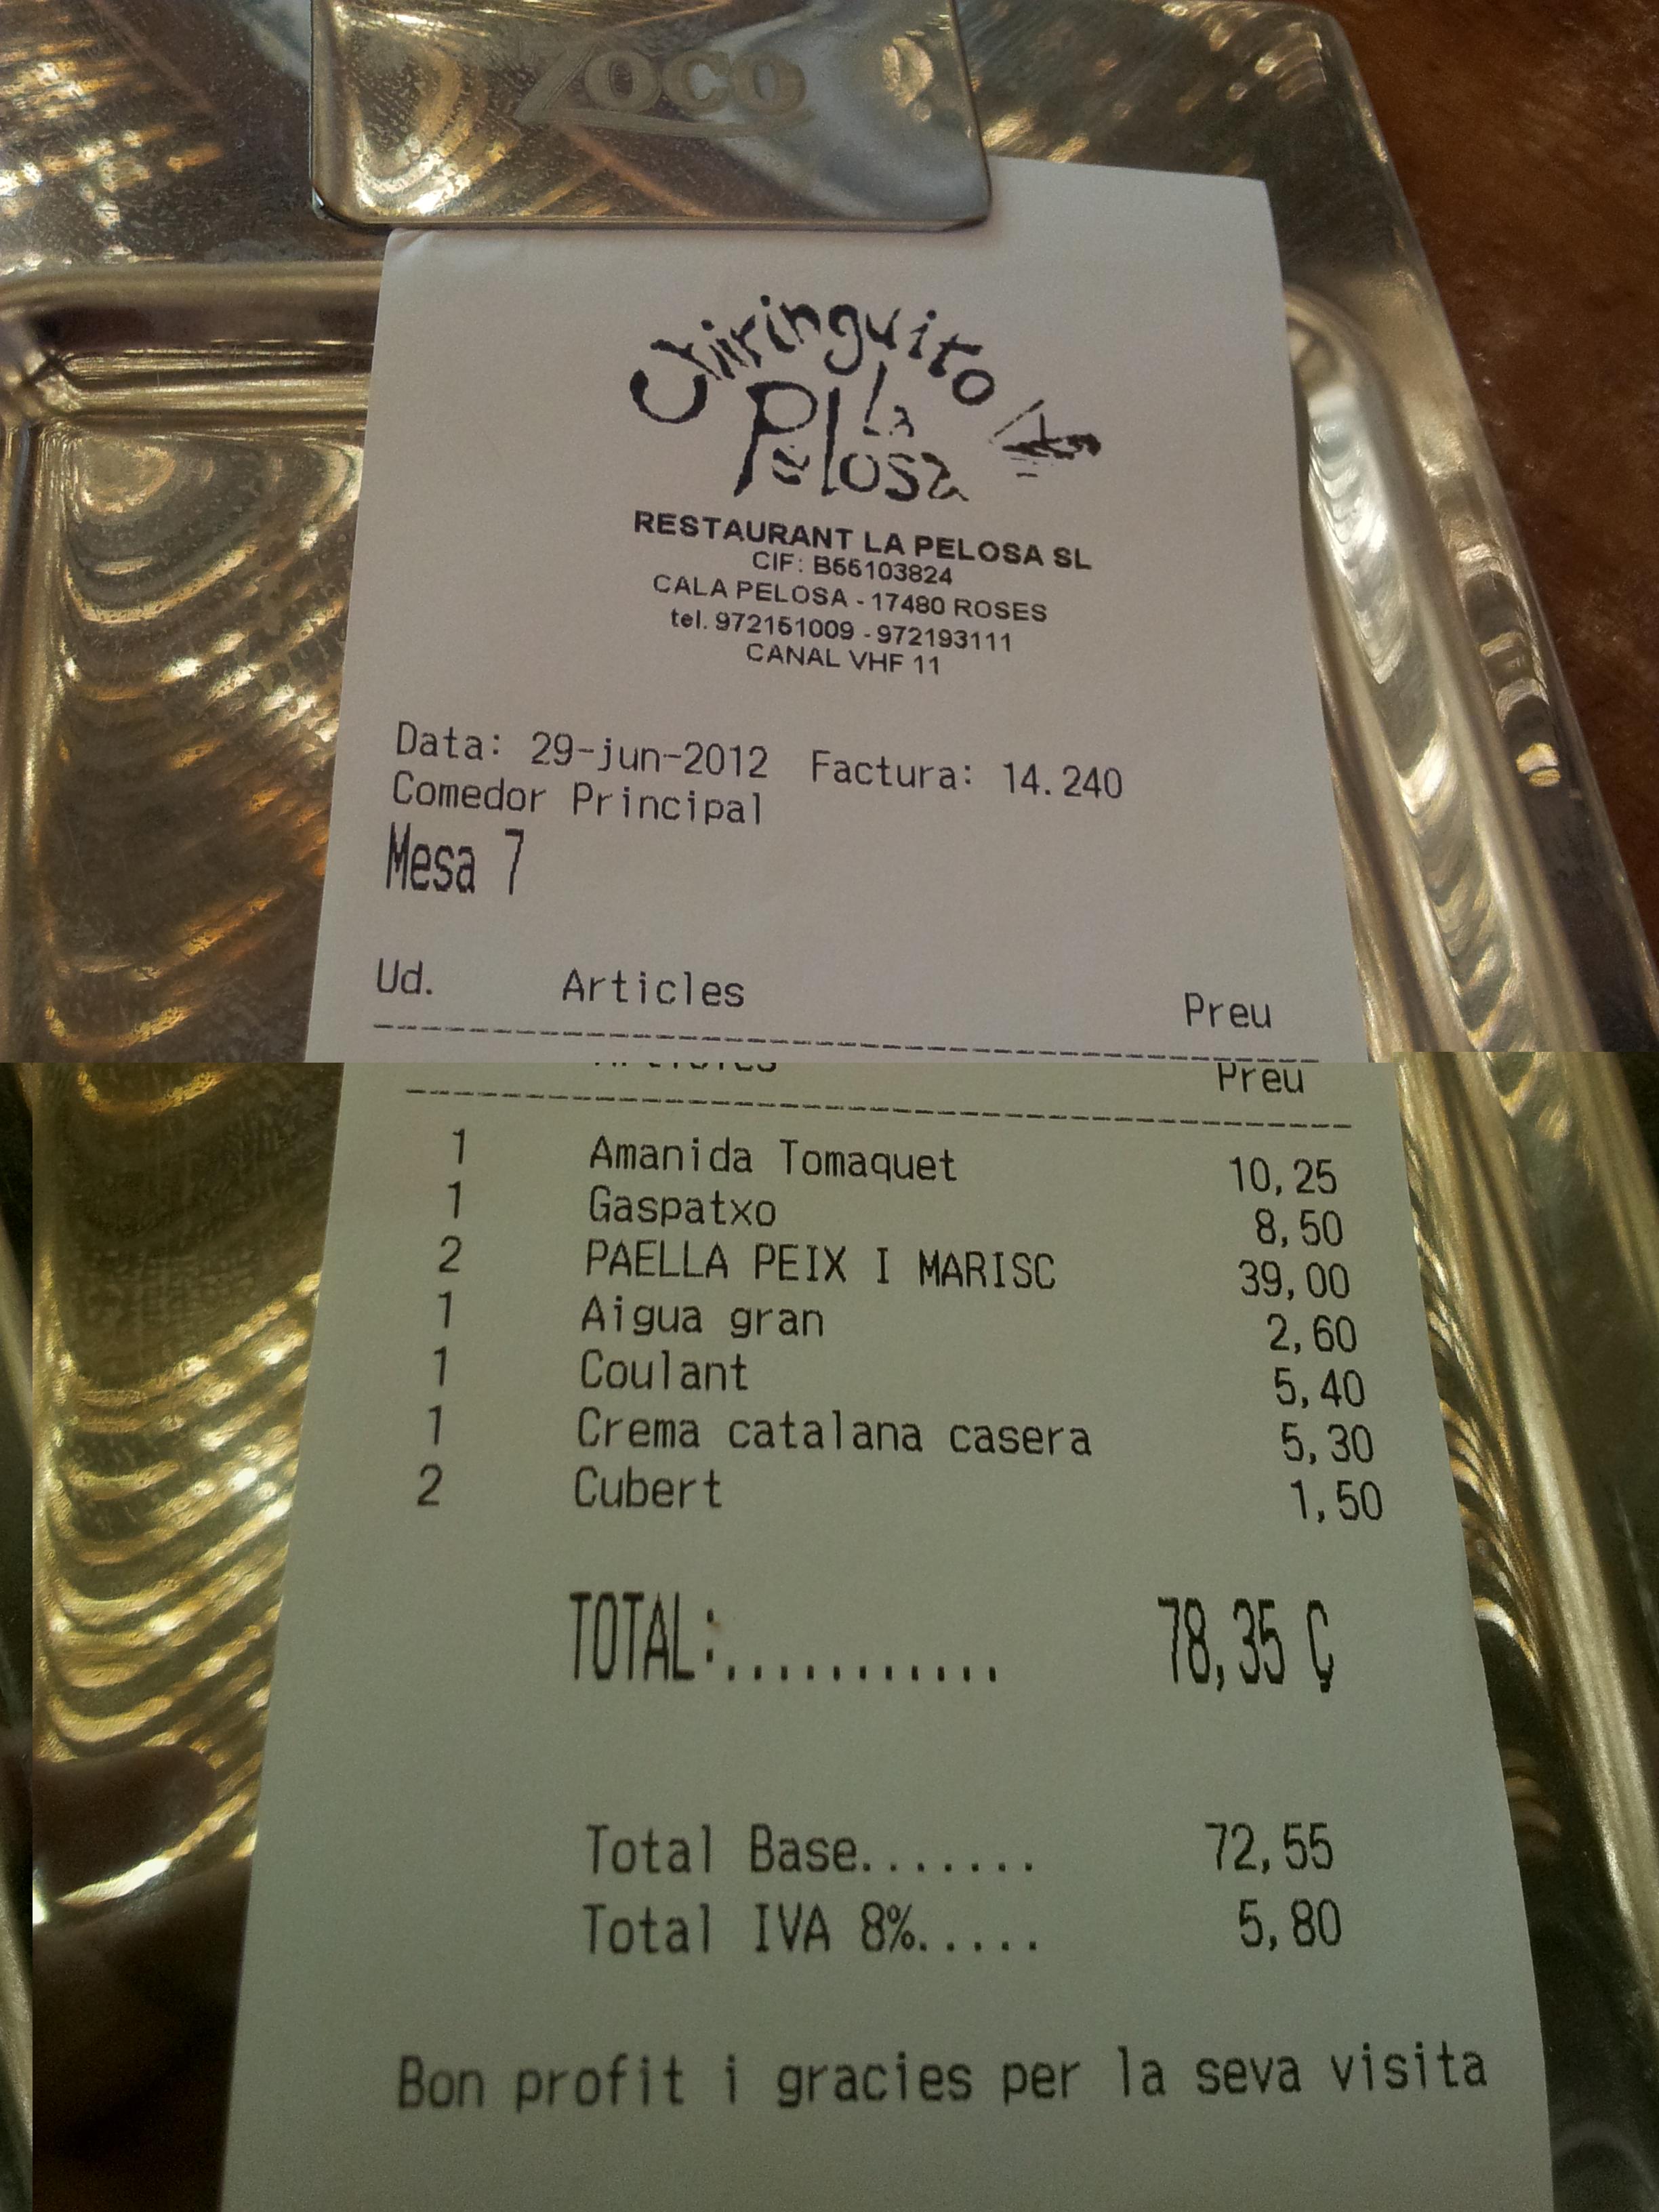 Crítica: Restaurante Chiringuito La Pelosa. Cala Pelosa . Roses, Girona